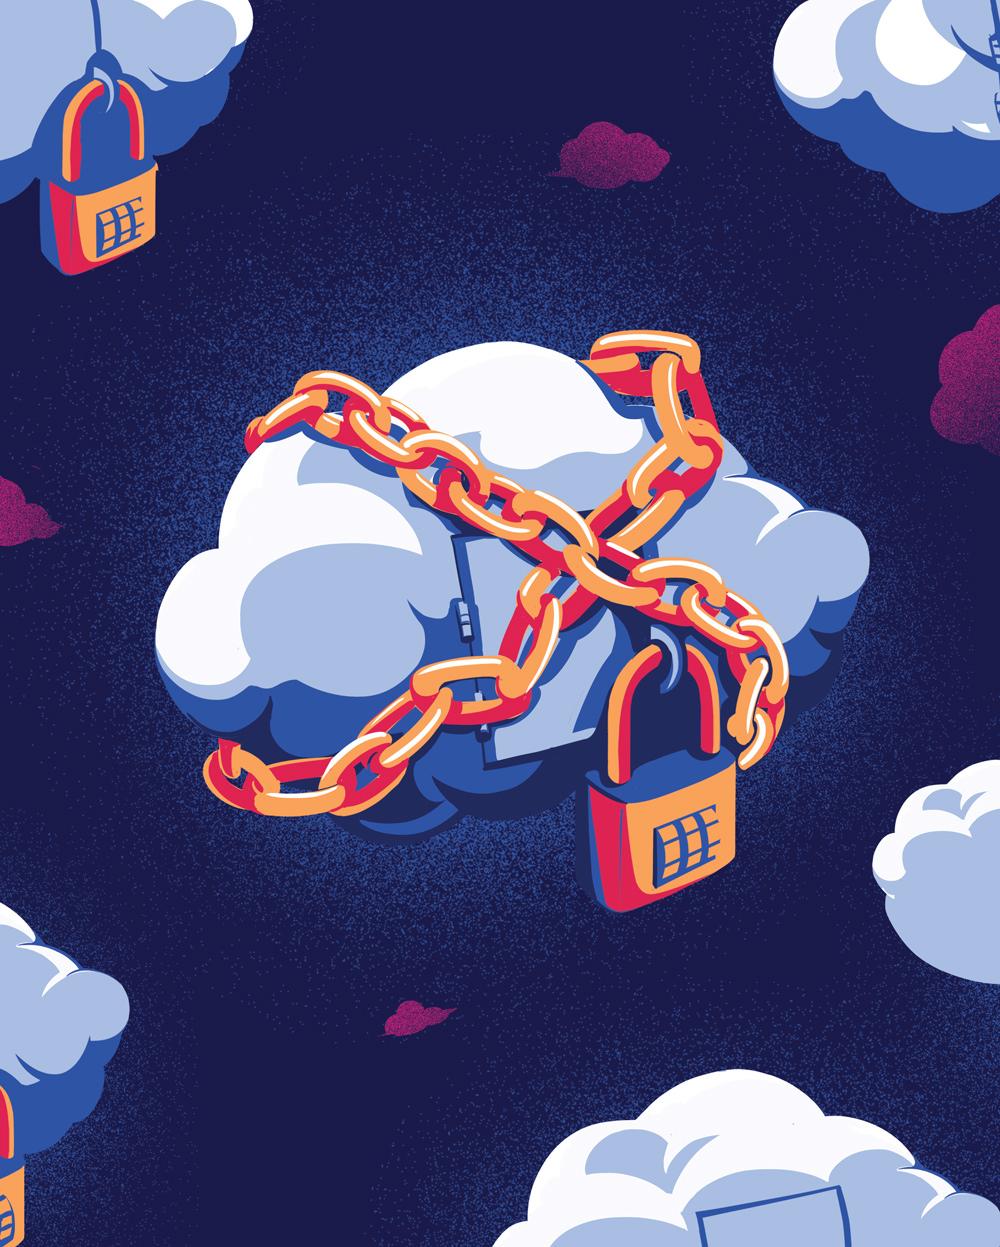 Unlock the Cloud - EC 269